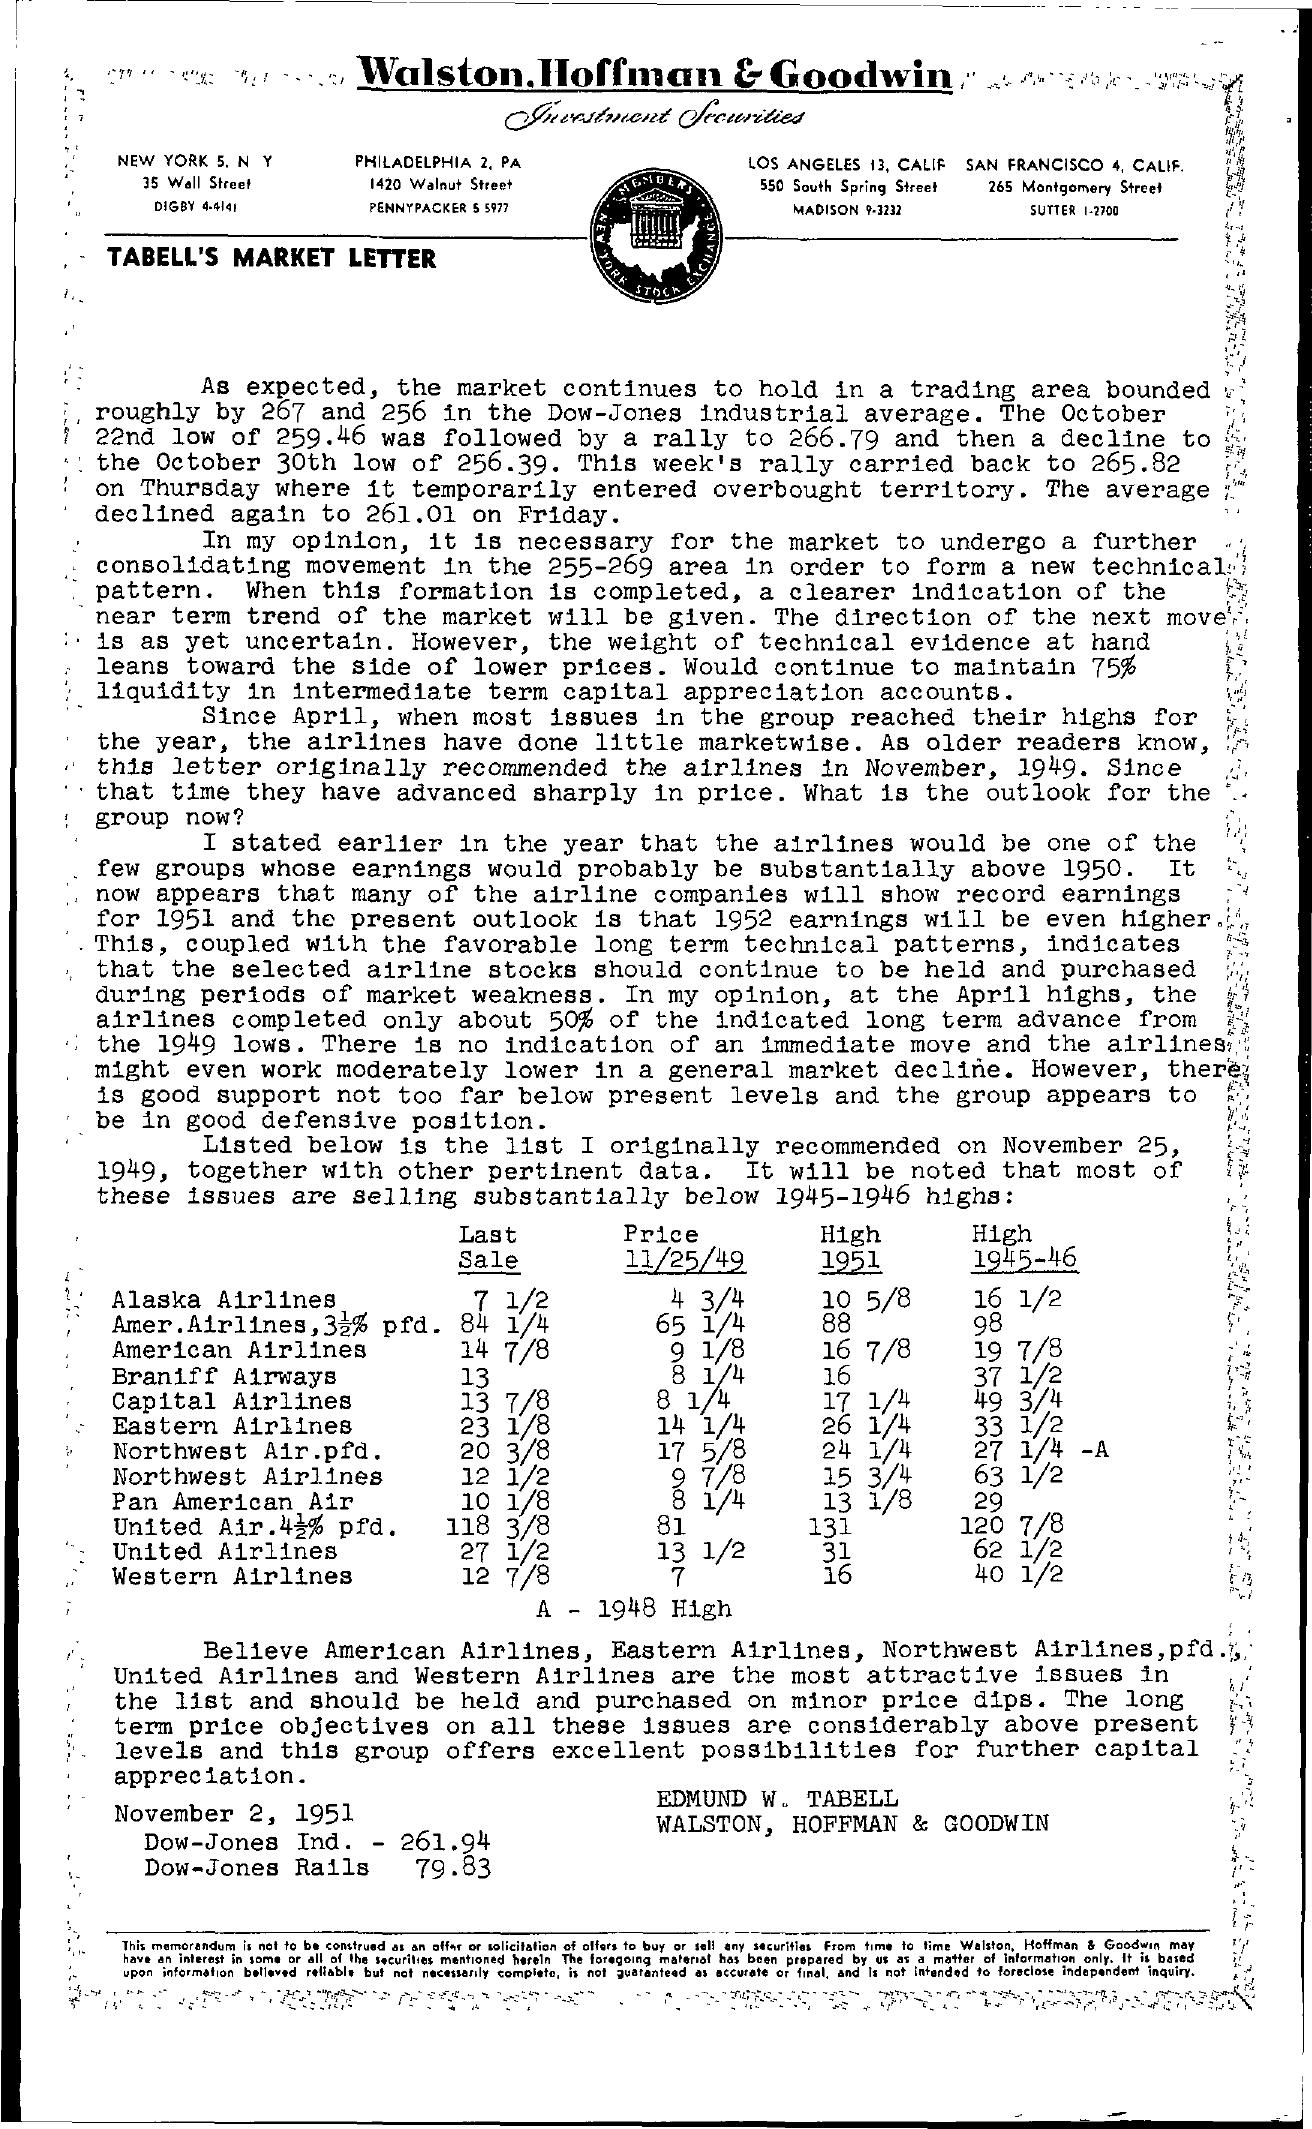 Tabell's Market Letter - November 02, 1951